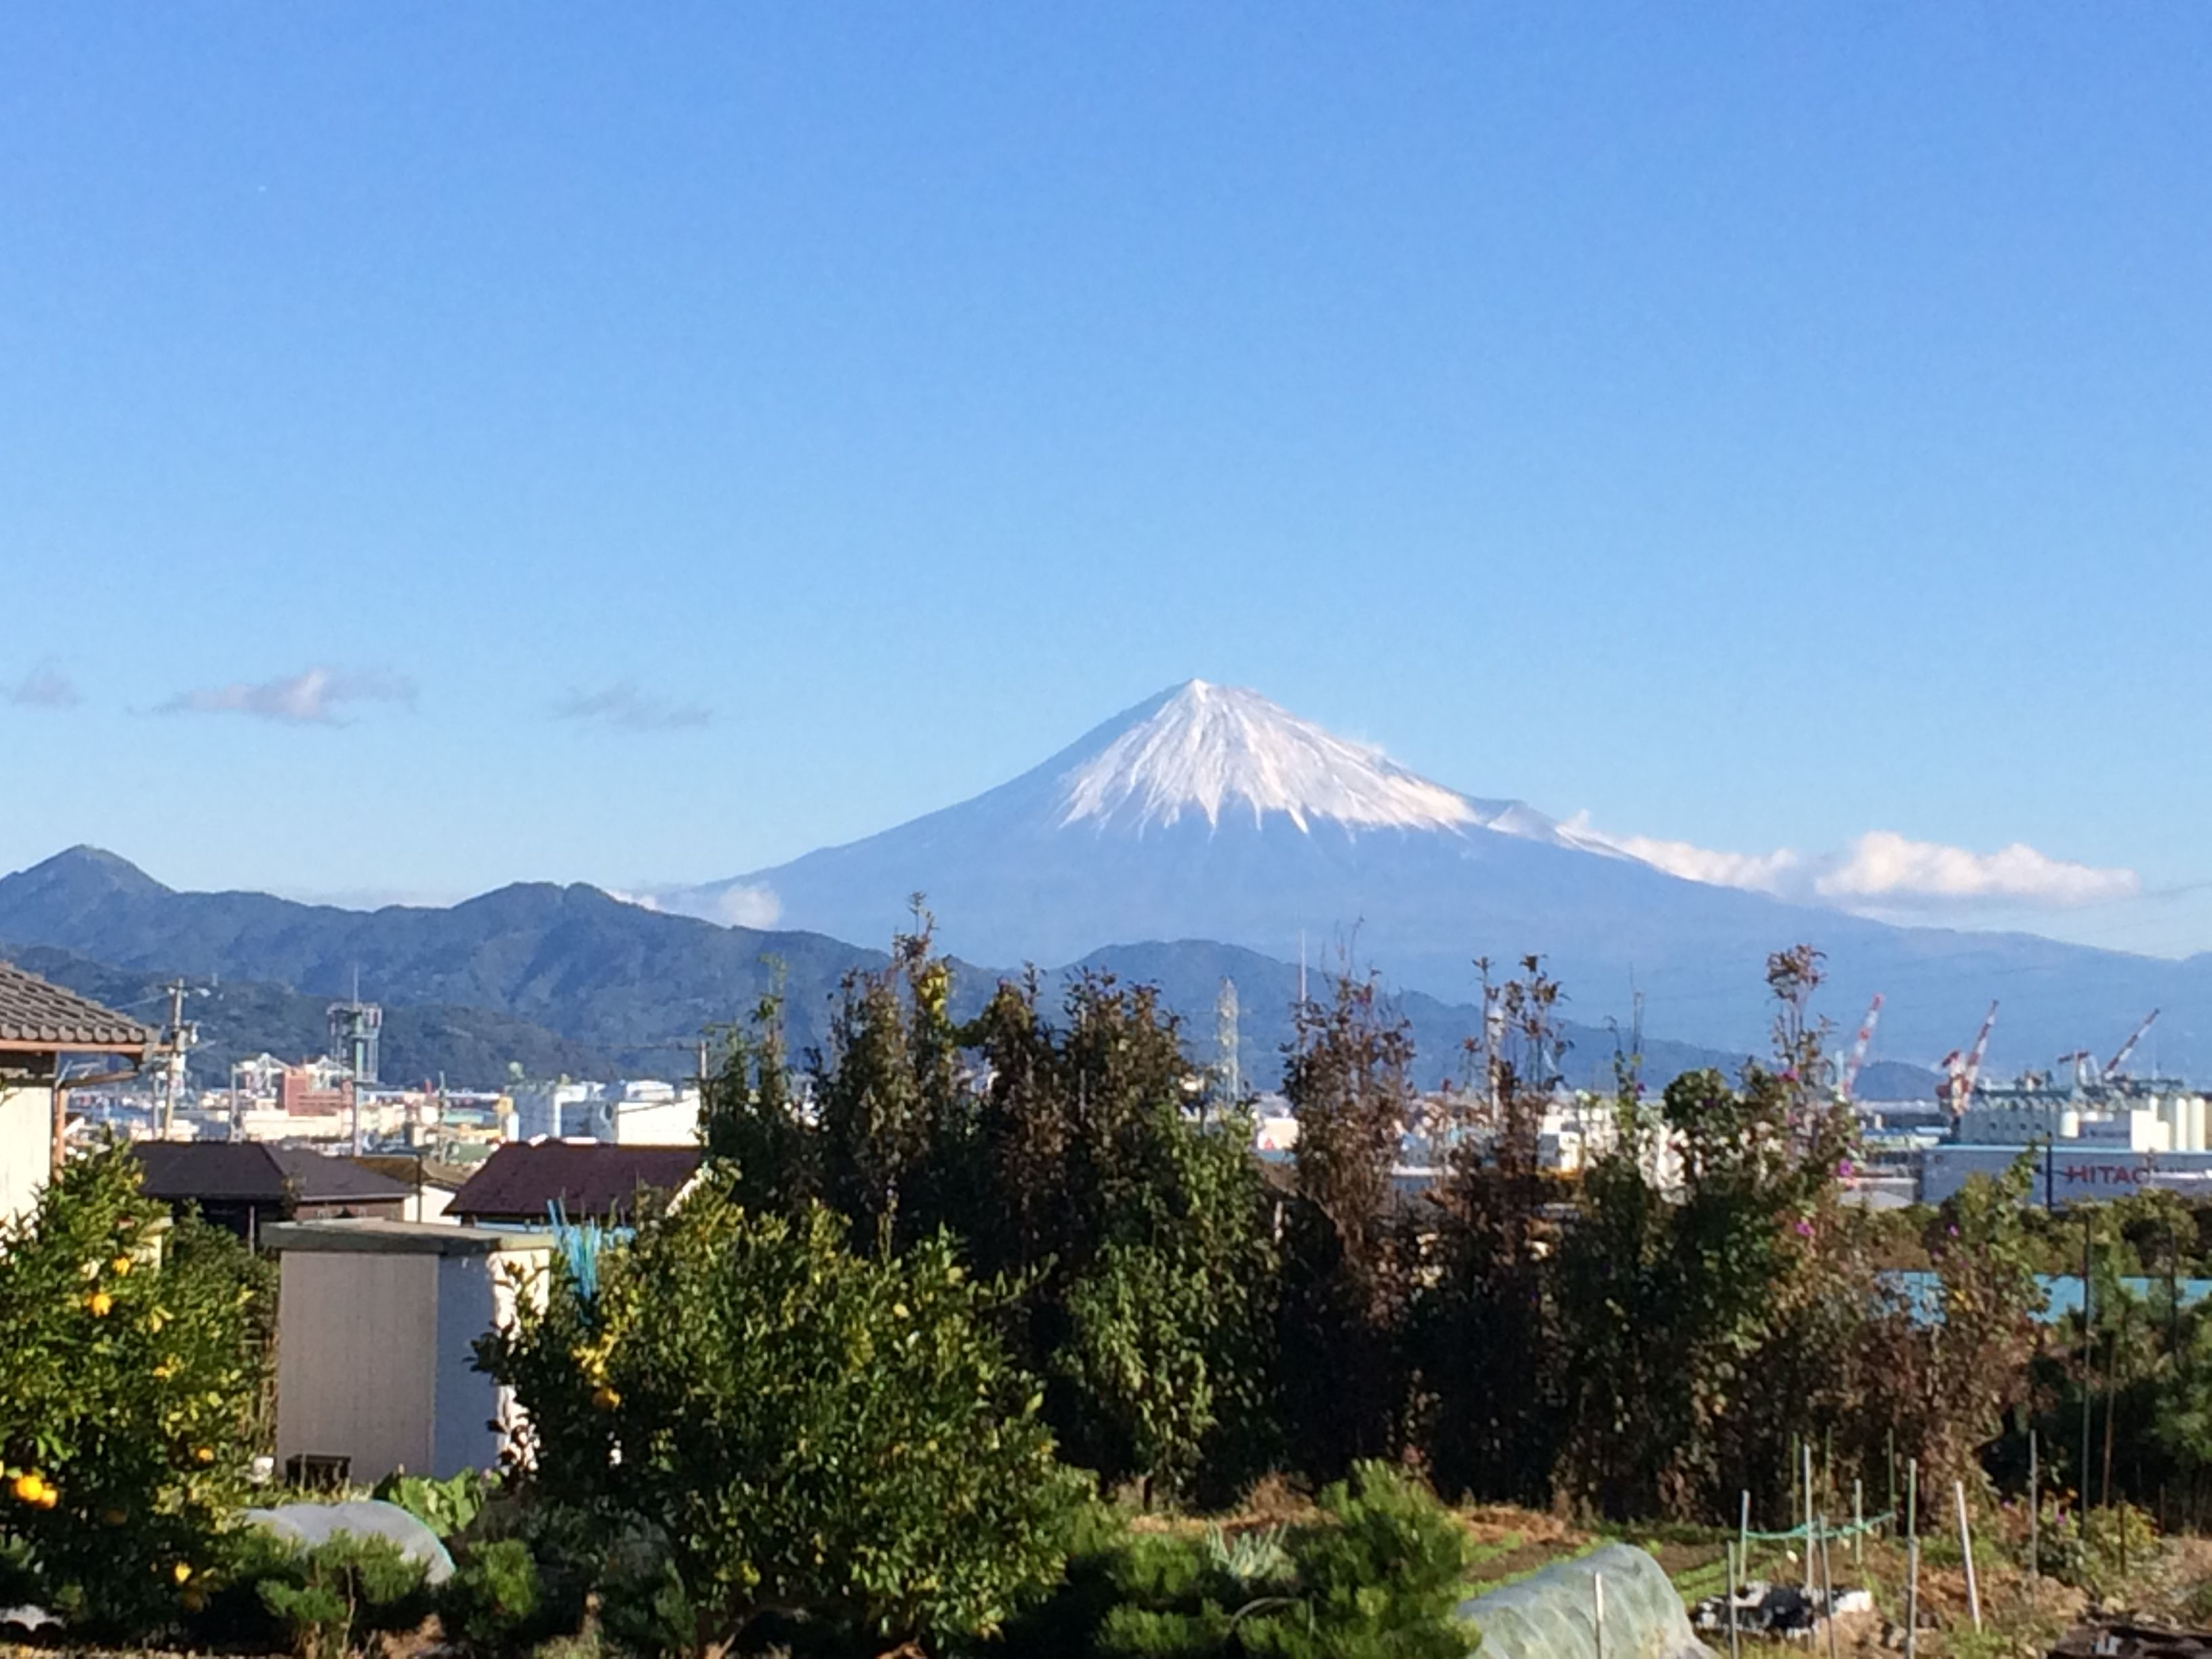 雪の帽子を被ったキレイな富士山